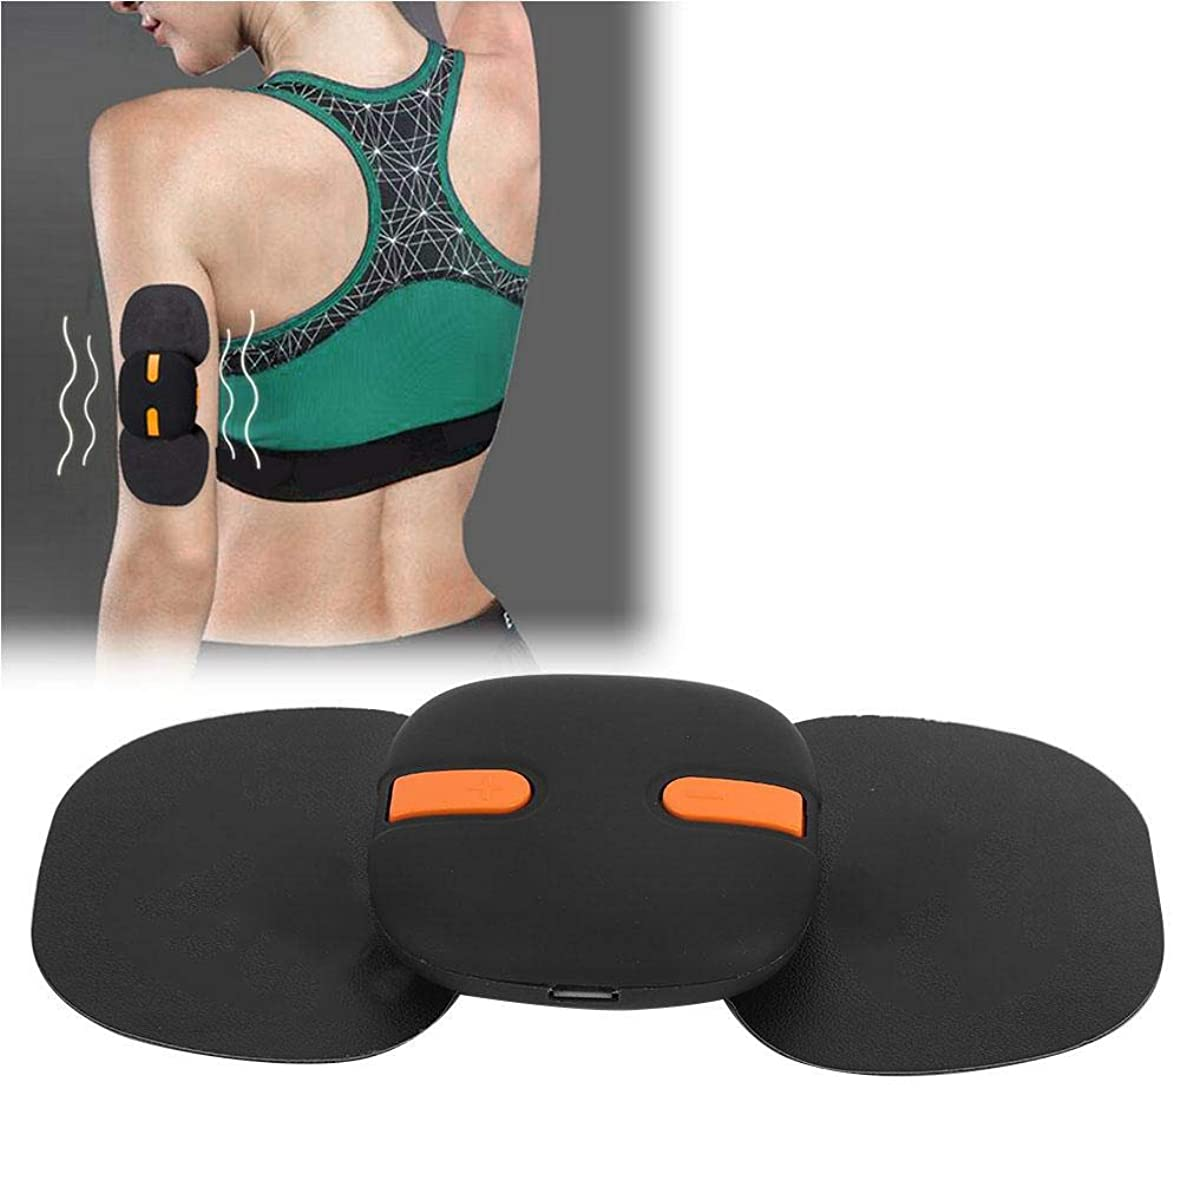 大宇宙不規則性約設定筋肉電気刺激装置、腹部用電子腹部刺激装置/腕/脚/男女用ウエストEMSトレーナー